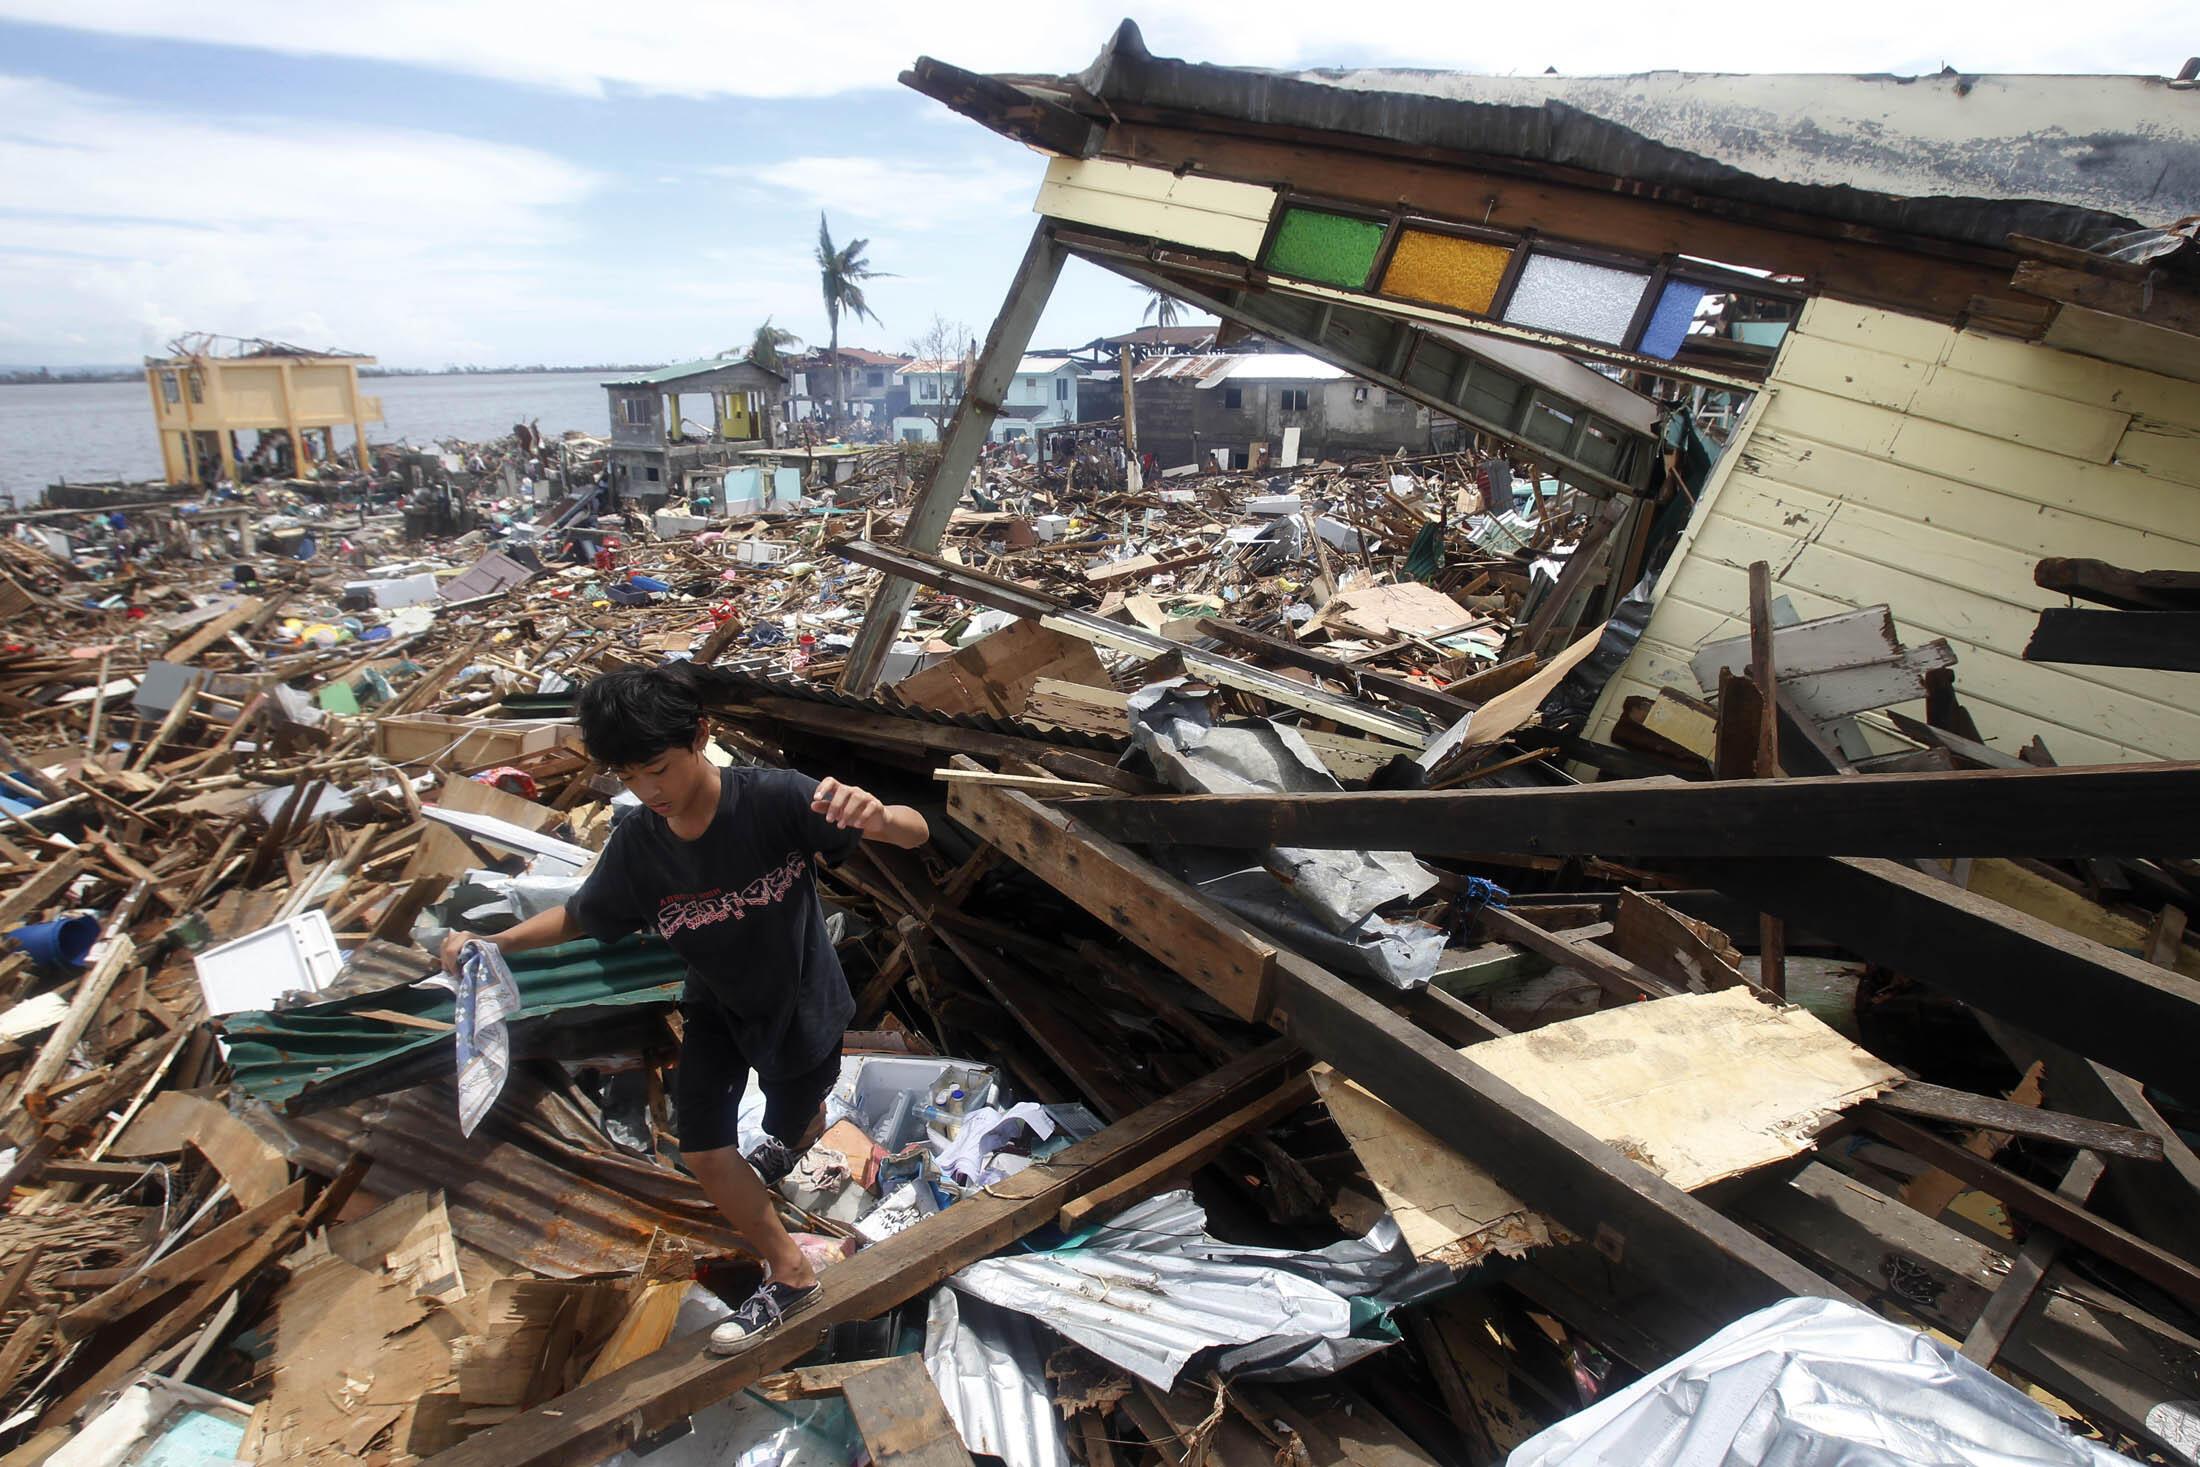 Thành phố Tacloban sau trận bão Haiyan - REUTERS /R. Ranoco